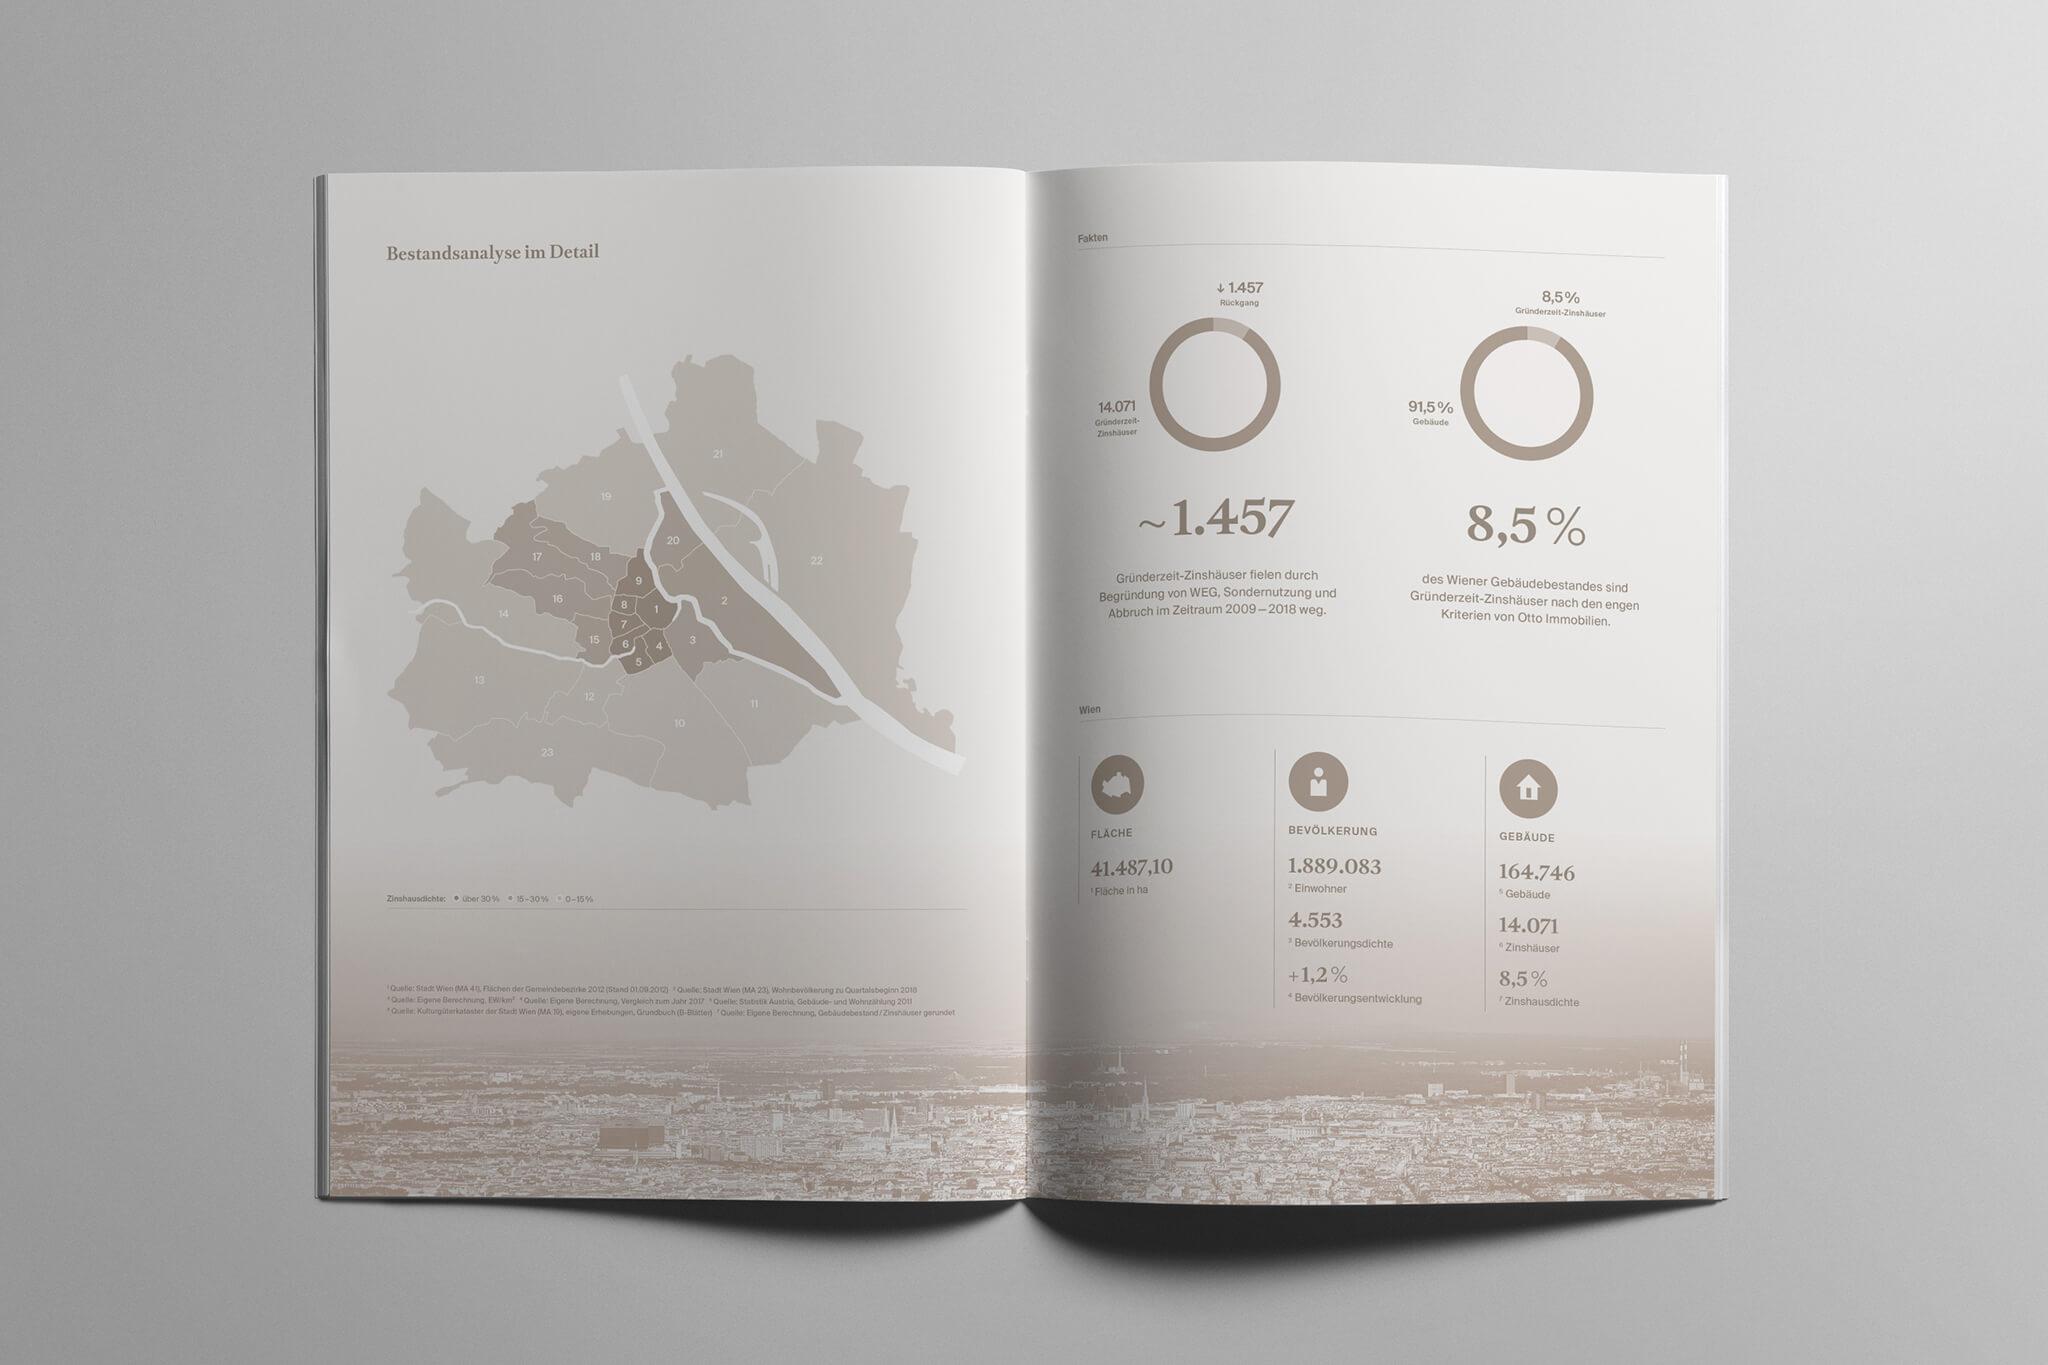 Otto Immobilien Marktbericht Stadtplan und Diagramme